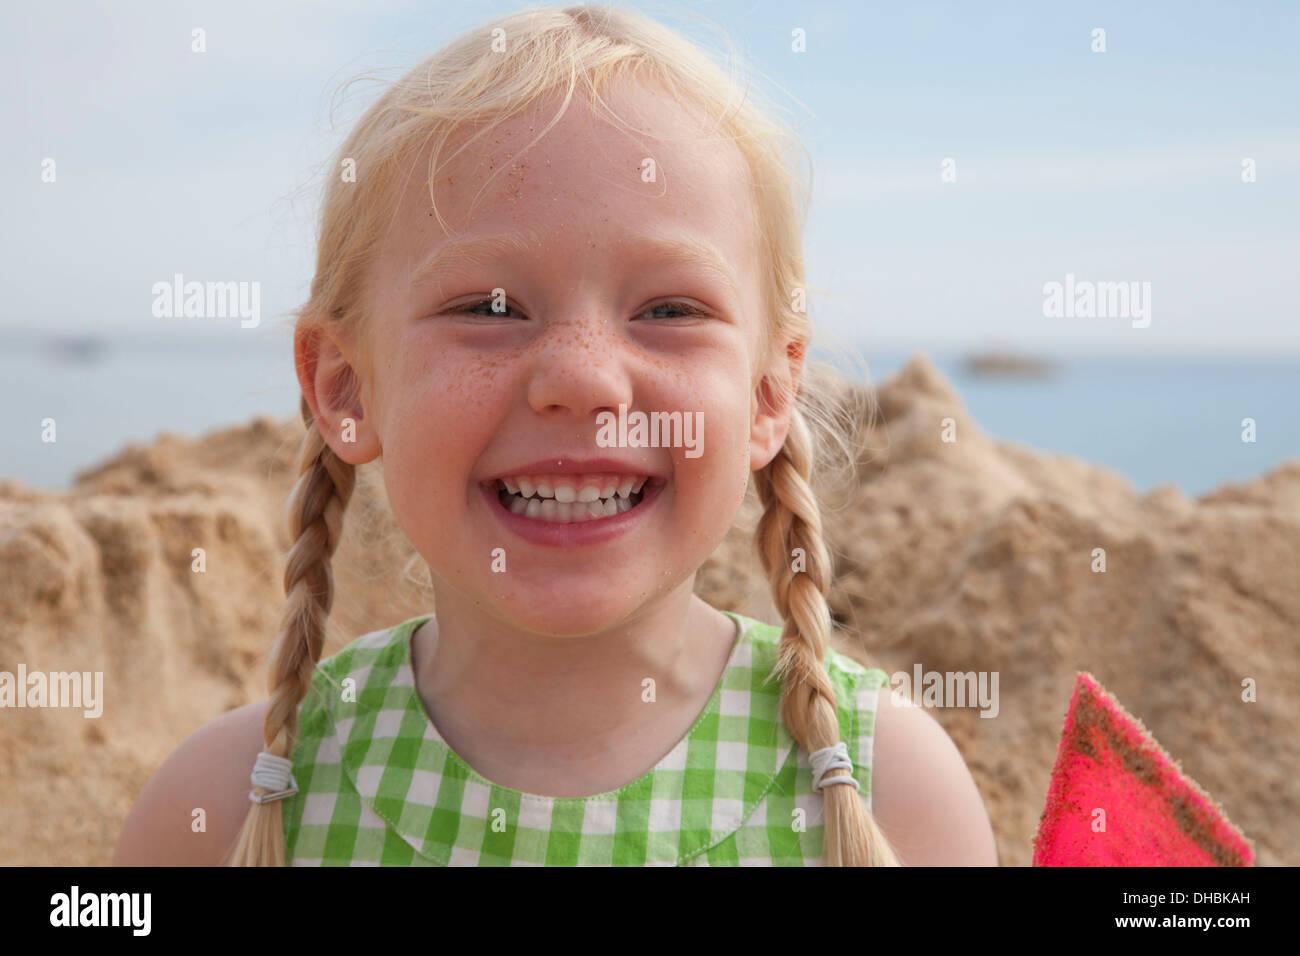 Una ragazza accanto a un enorme pila di sabbia sulla spiaggia, grinning alla fotocamera. Immagini Stock